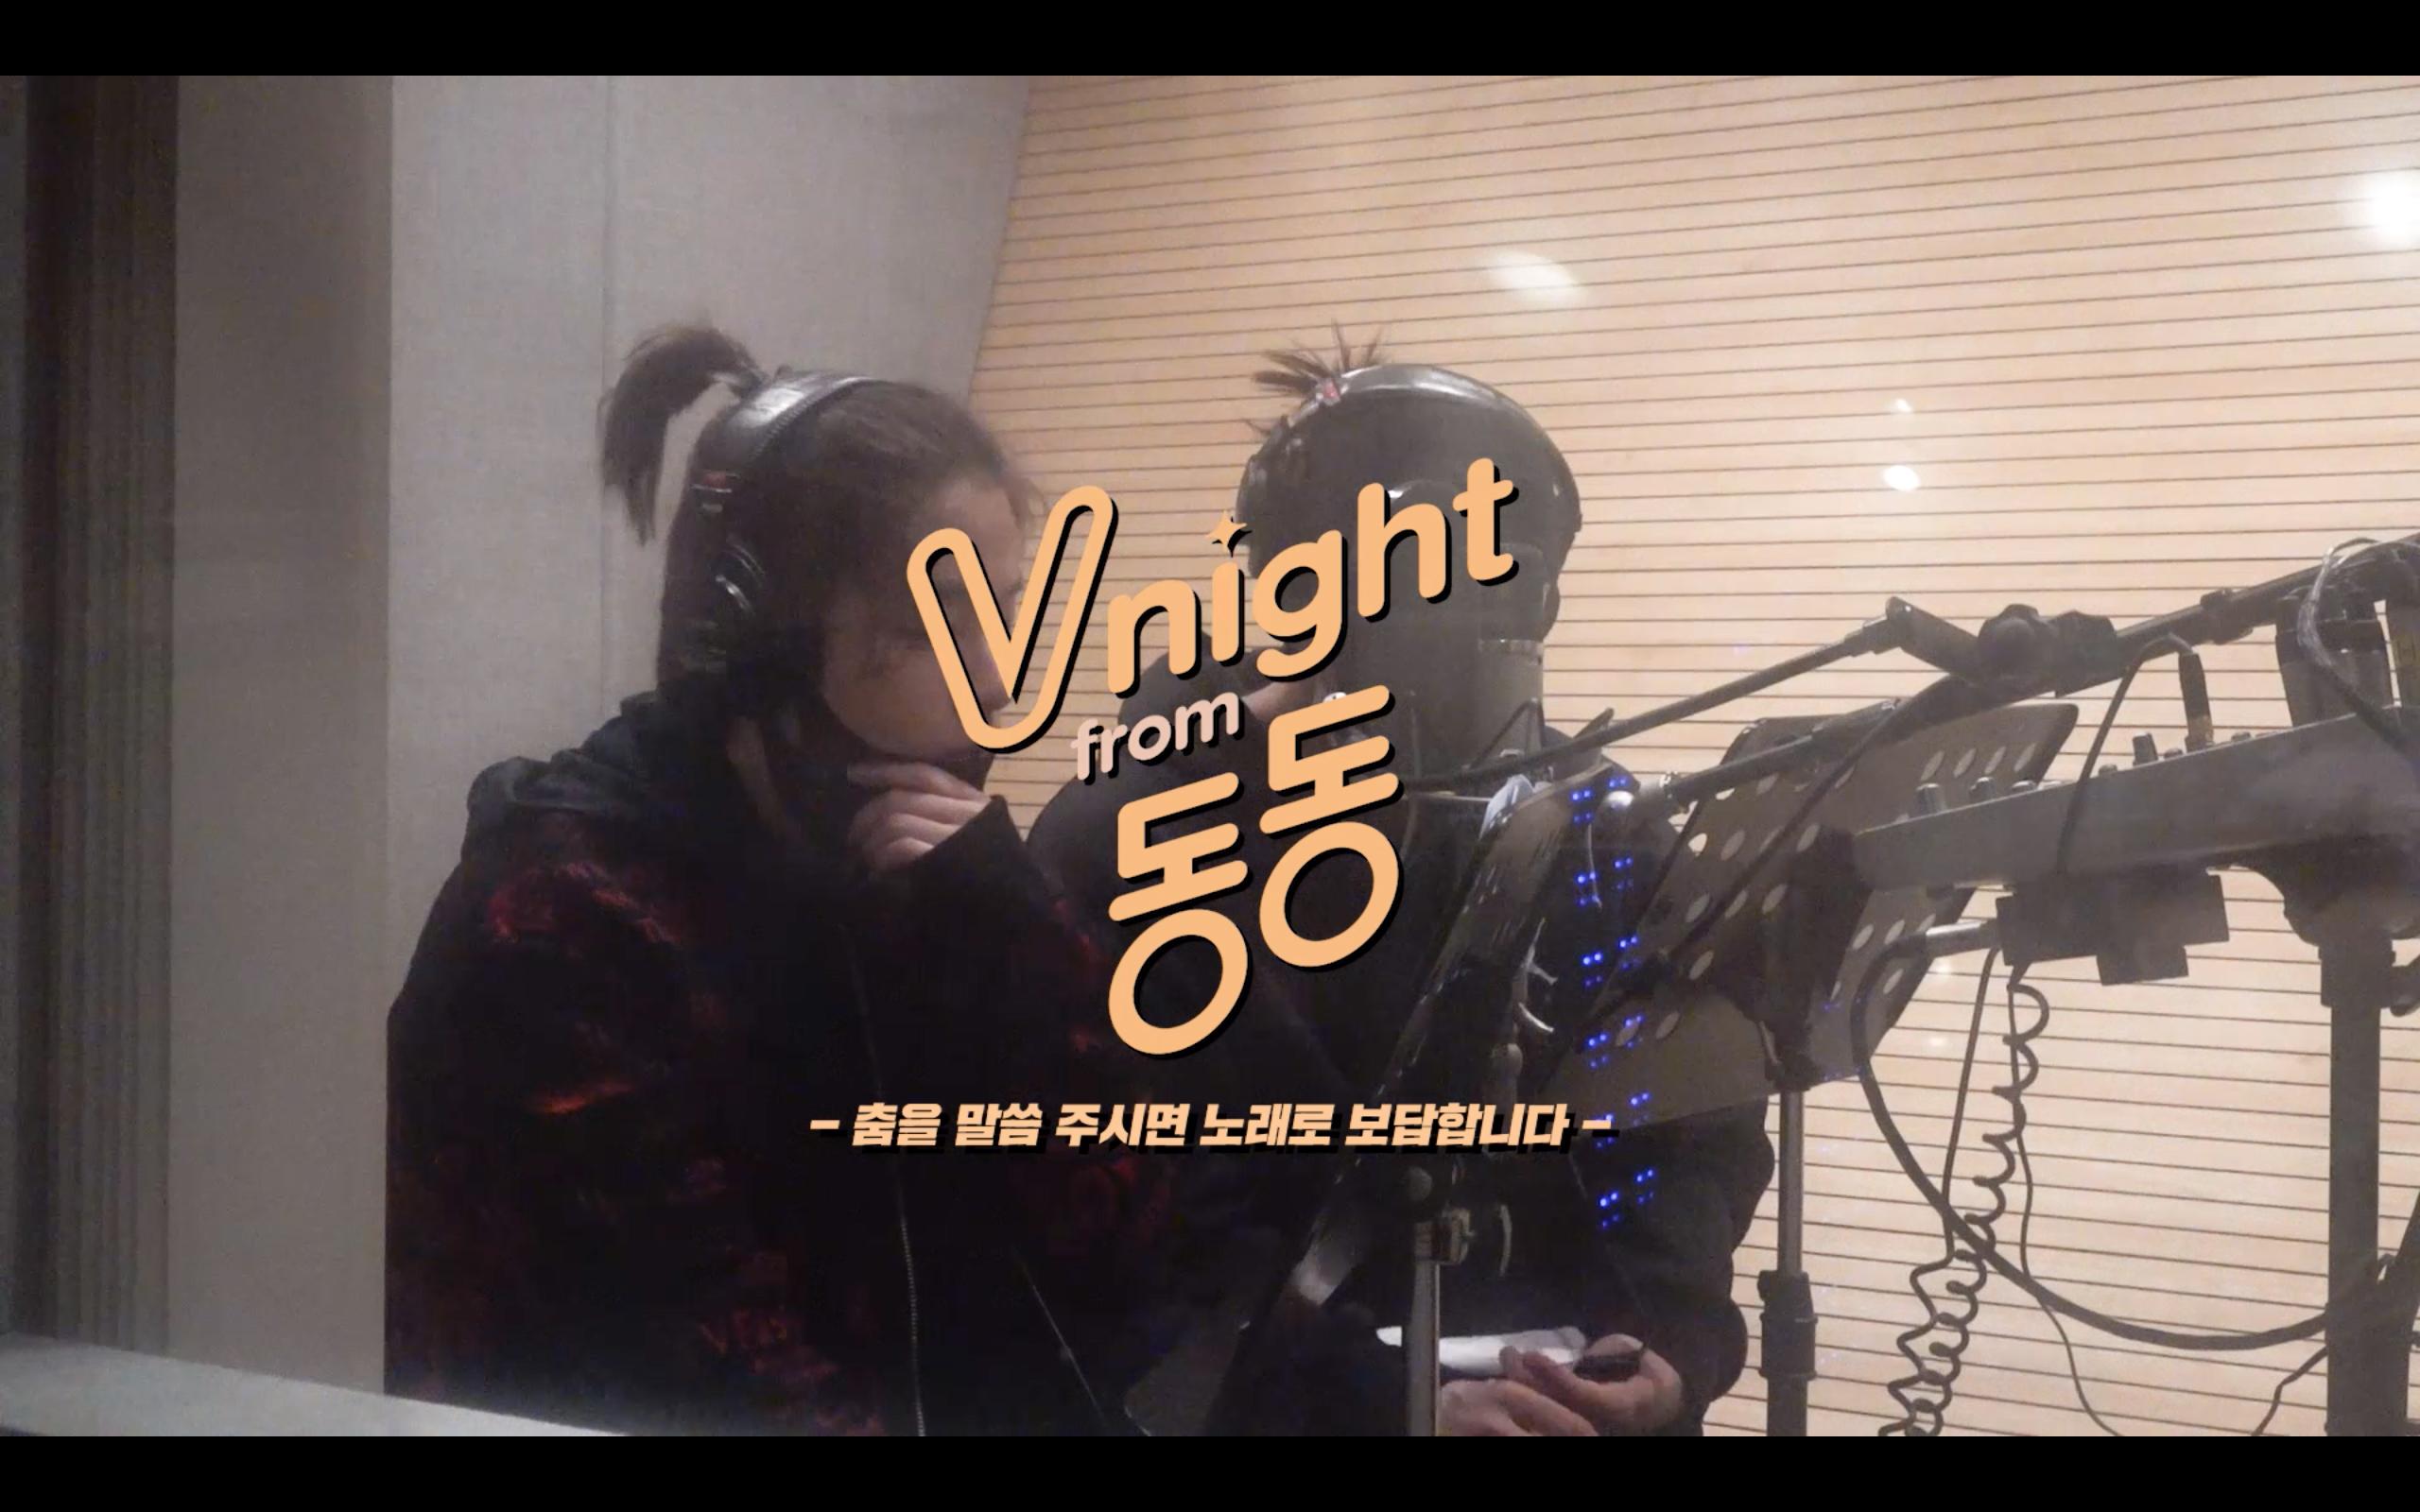 브이나잇 from.동동 (열여덟번째밤) SPECIAL CLiP #7